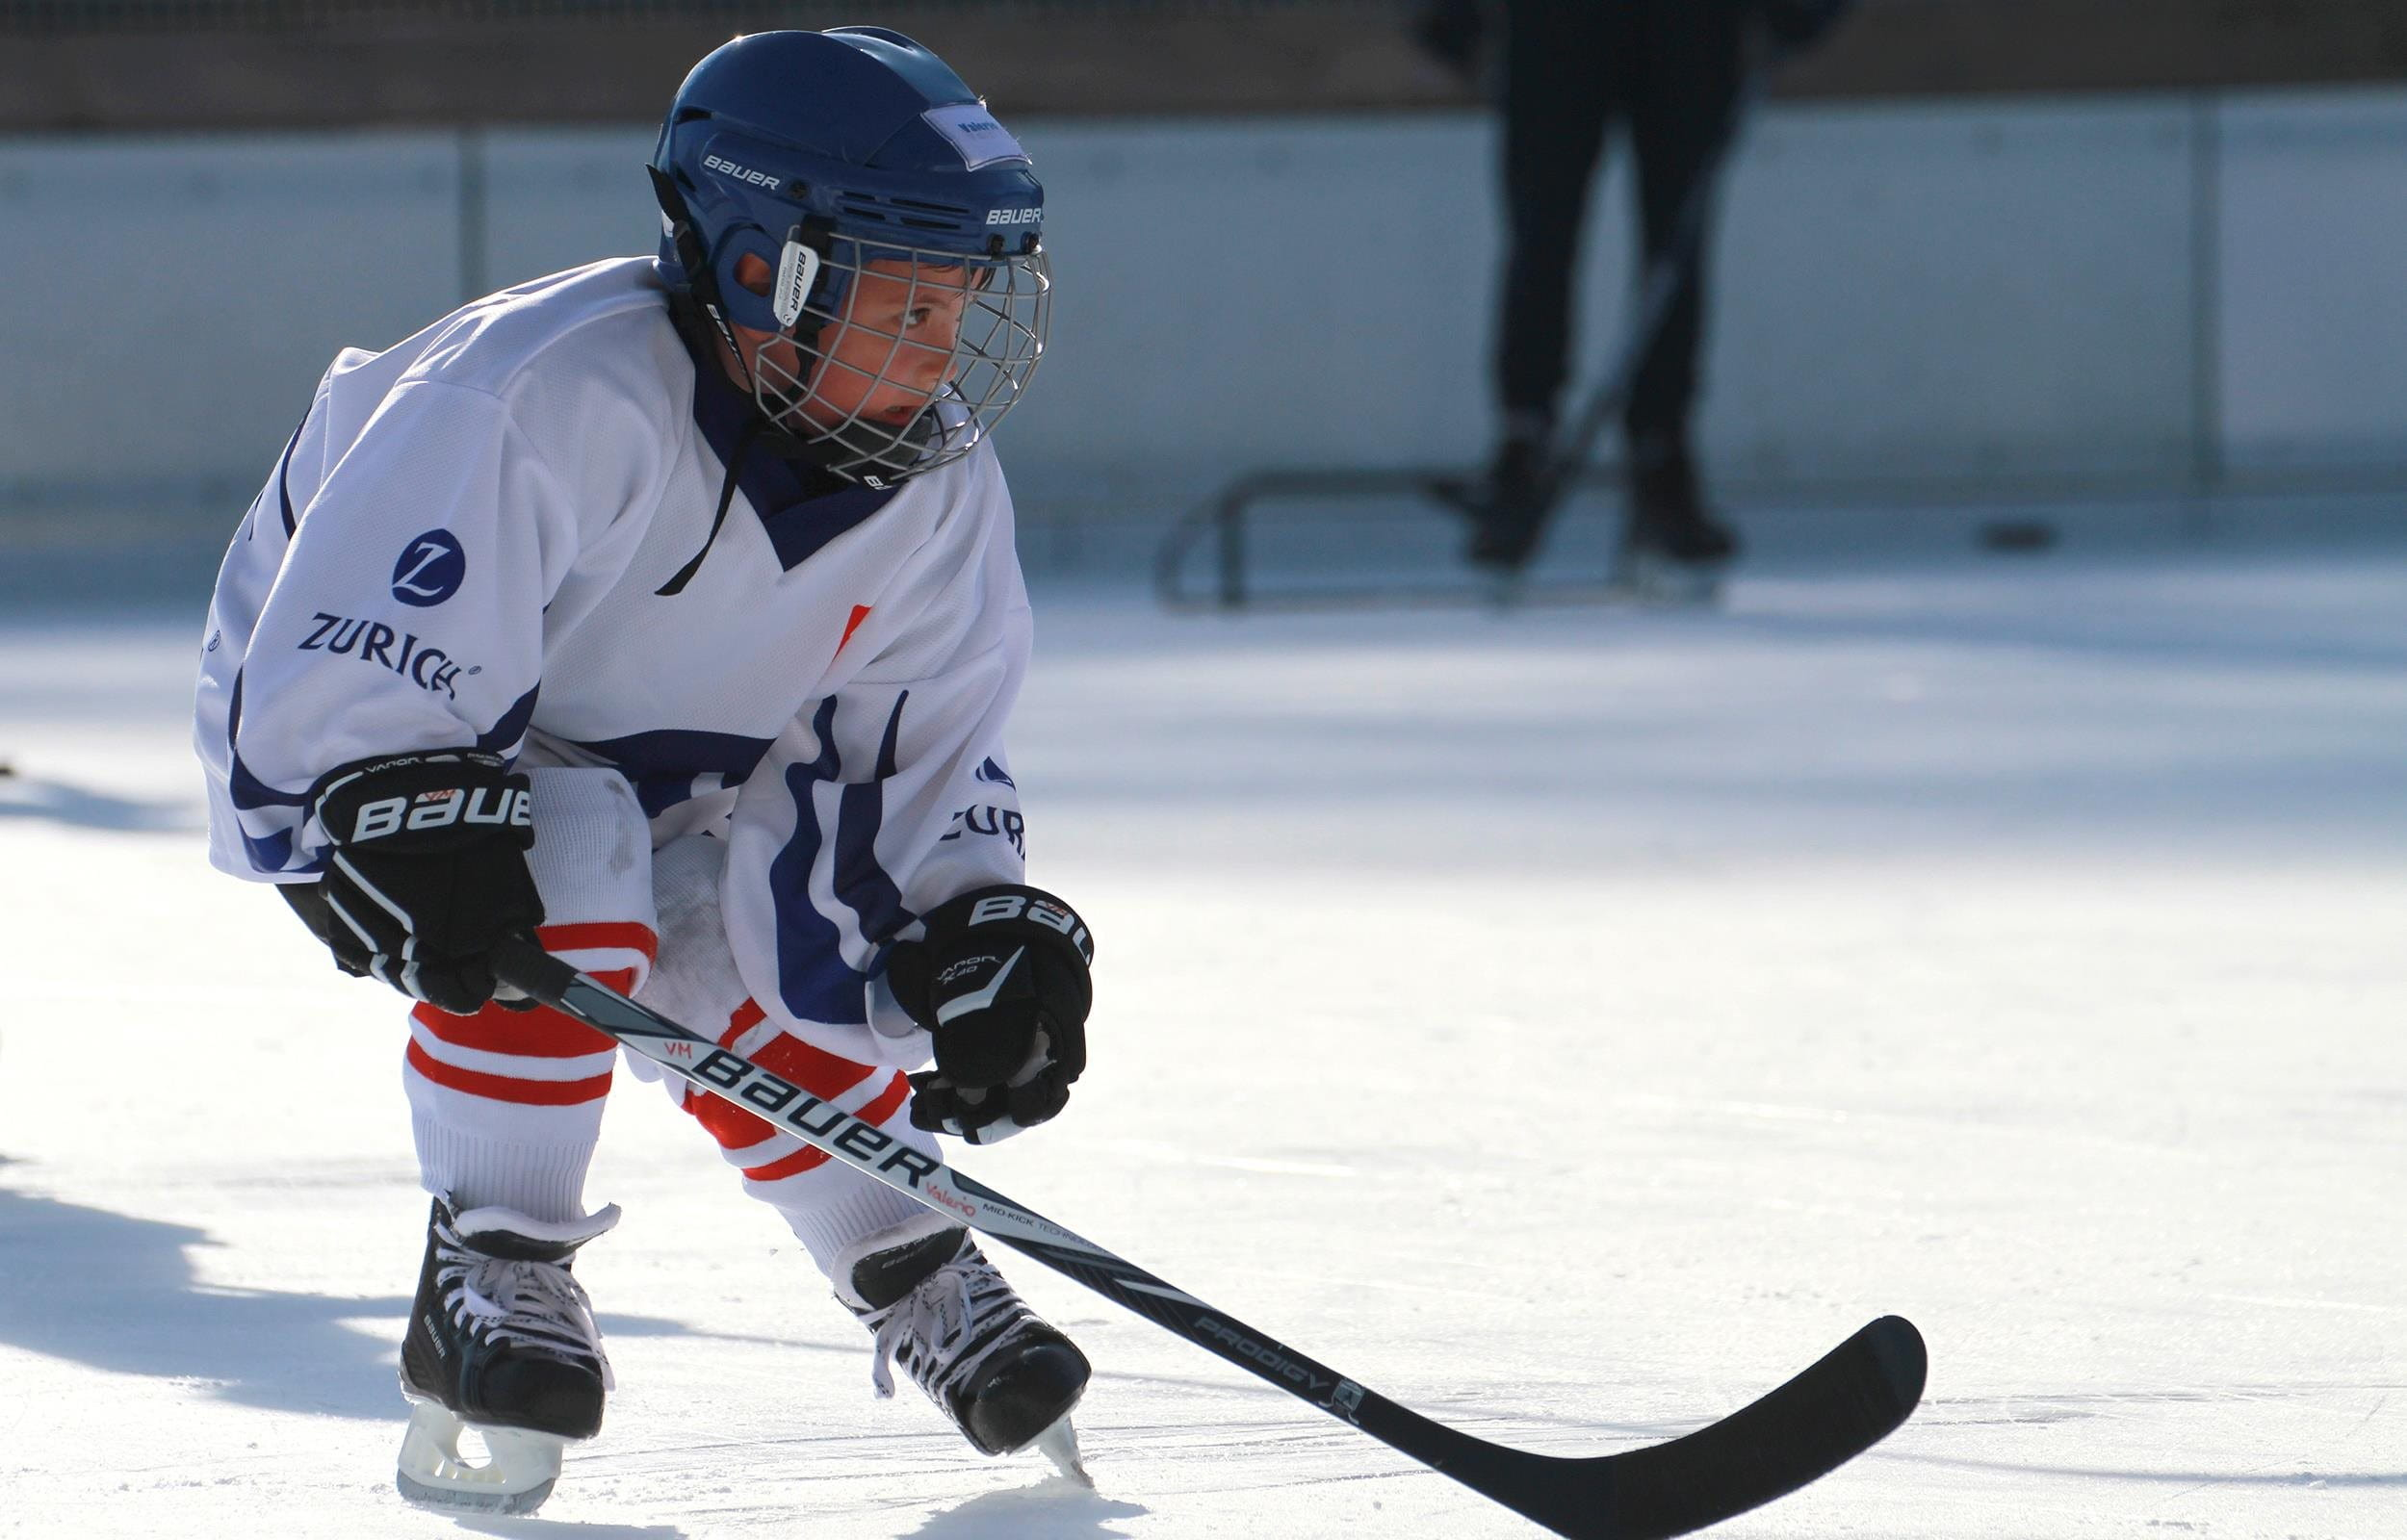 Eishockey Kind Angriff Zurich